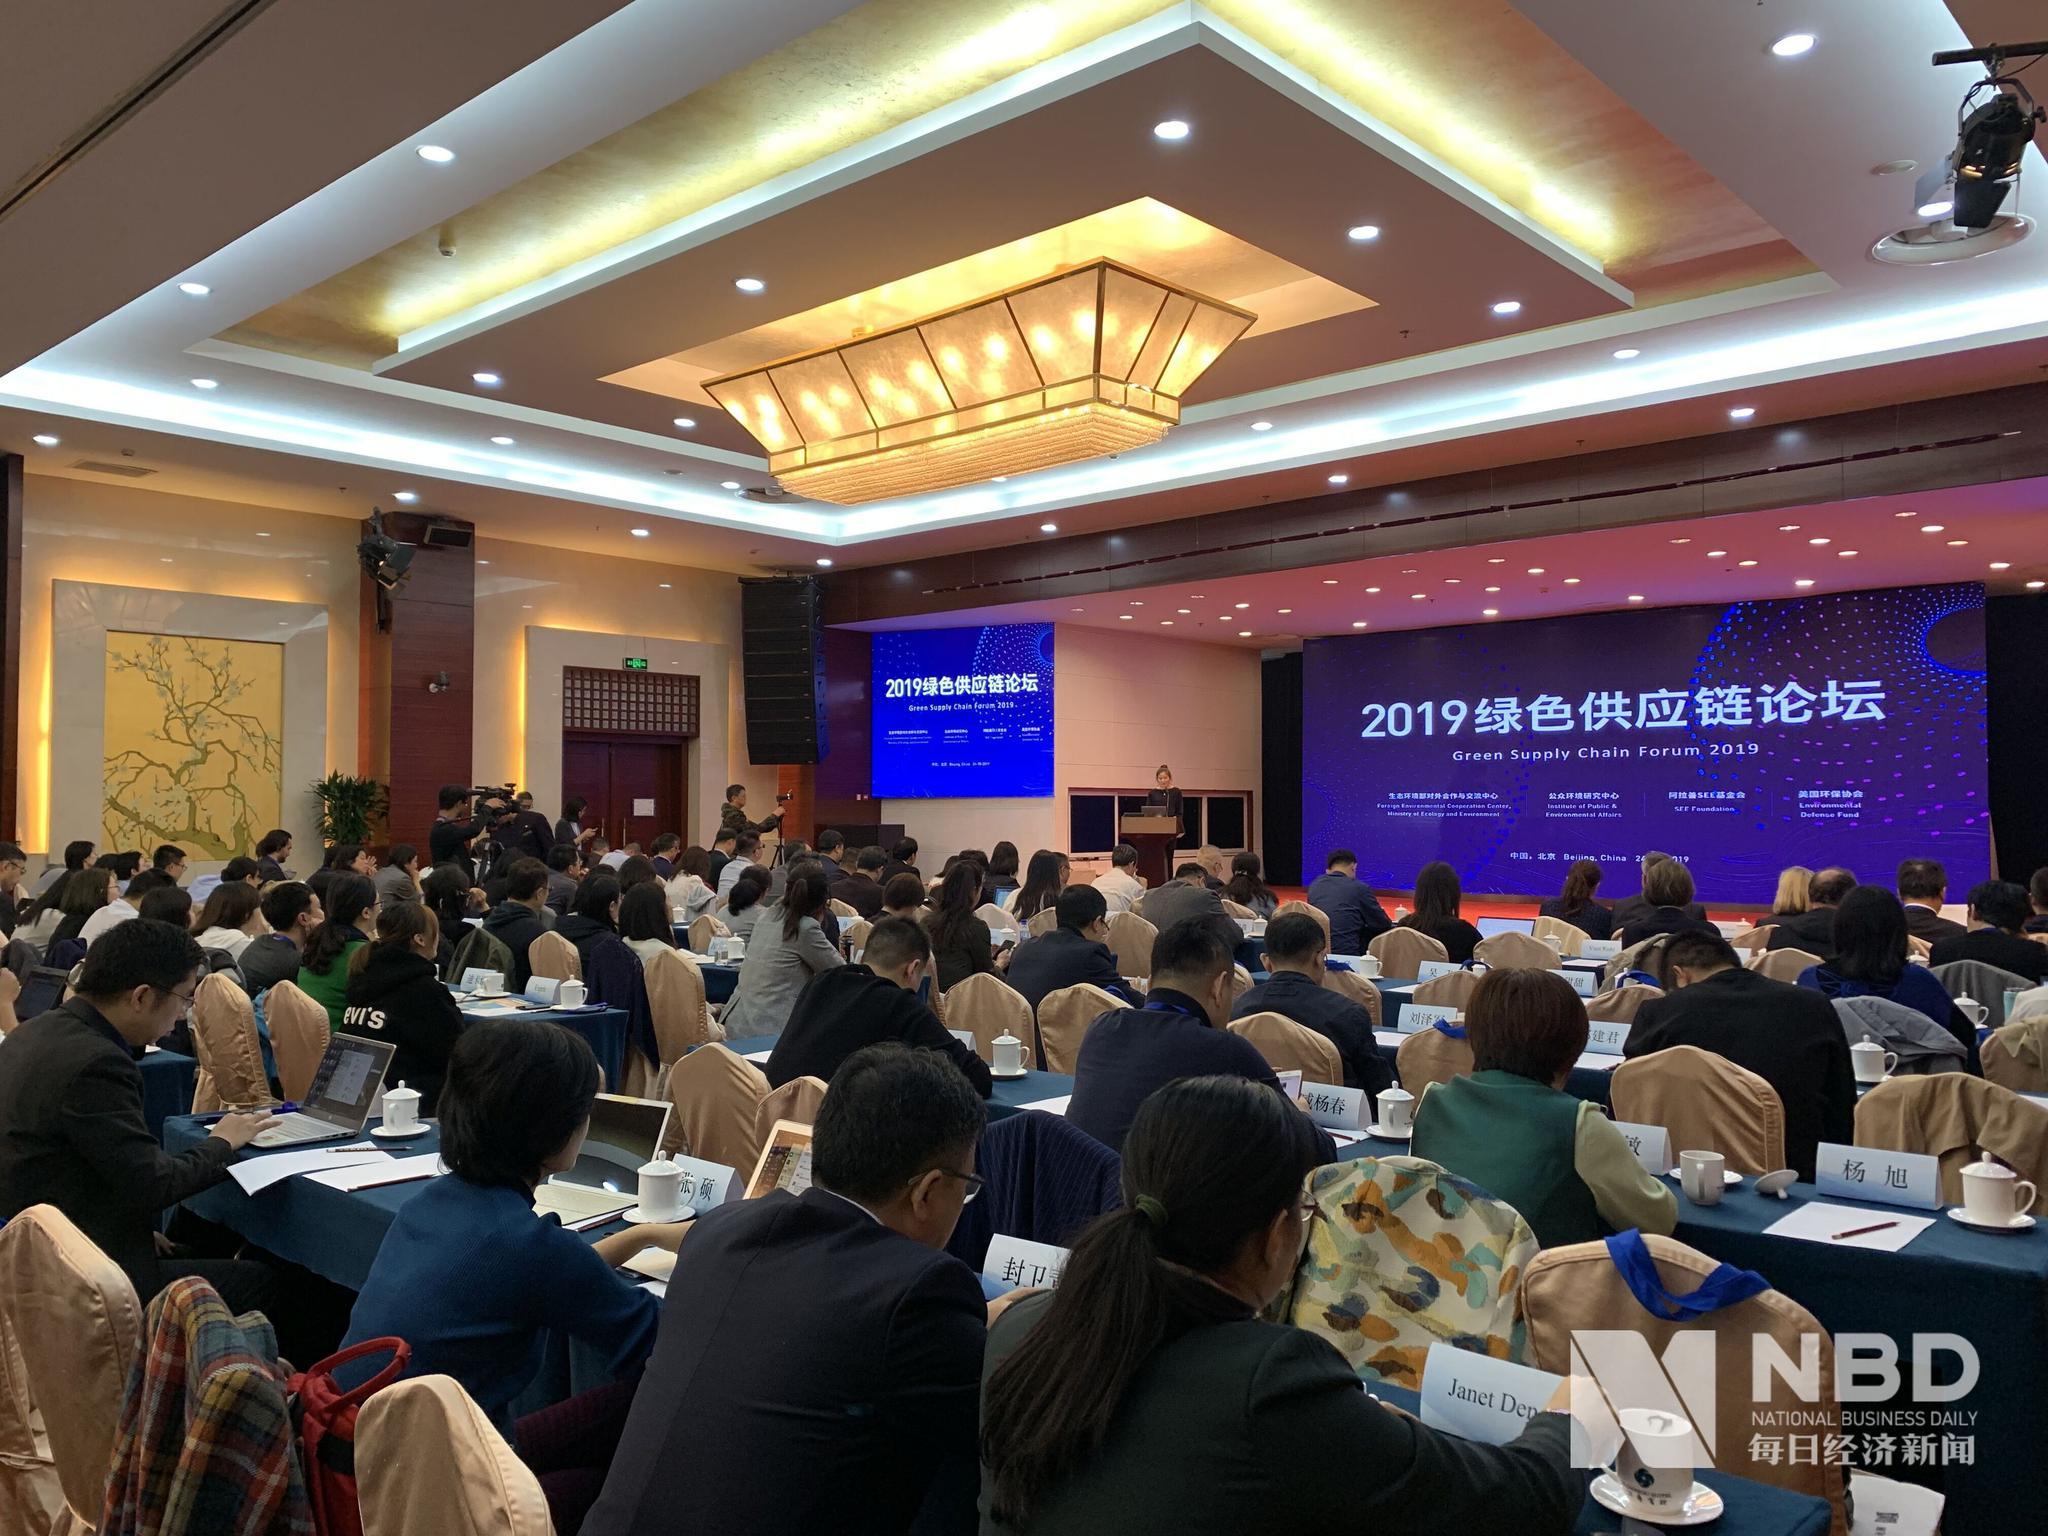 「博狗合法么」道达尔和浙能集团成立合资公司共同开发中国低硫船用燃料市场